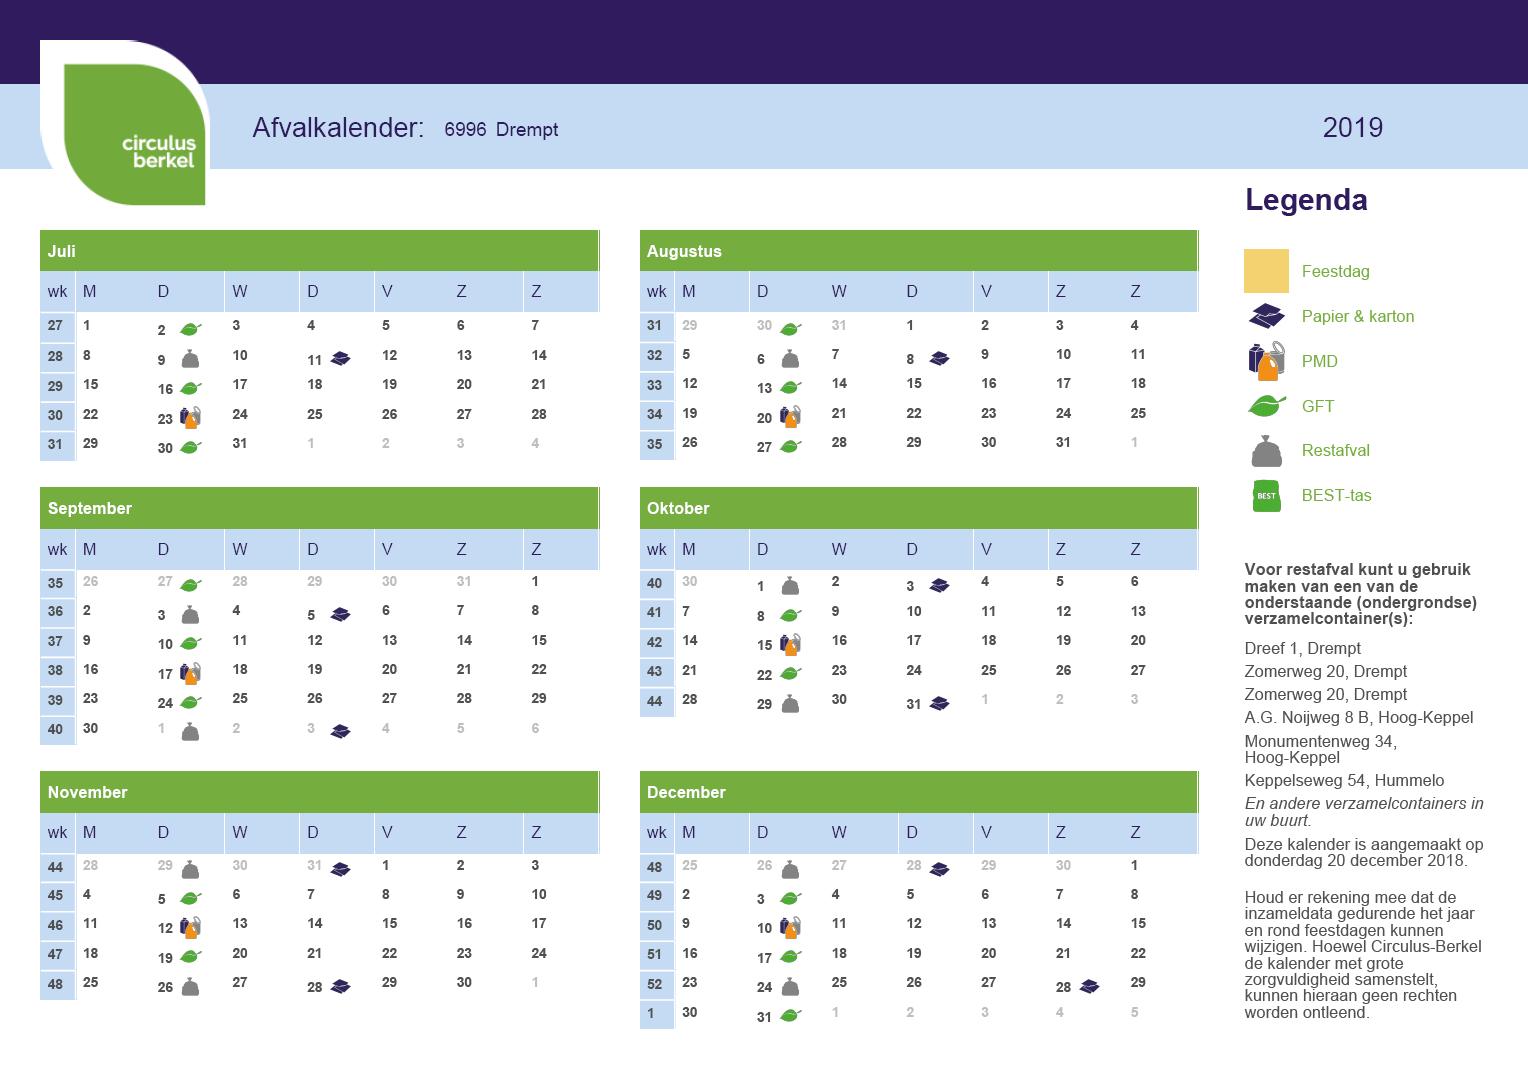 Afvalkalender 6996 Drempt, juli tot en met december 2019